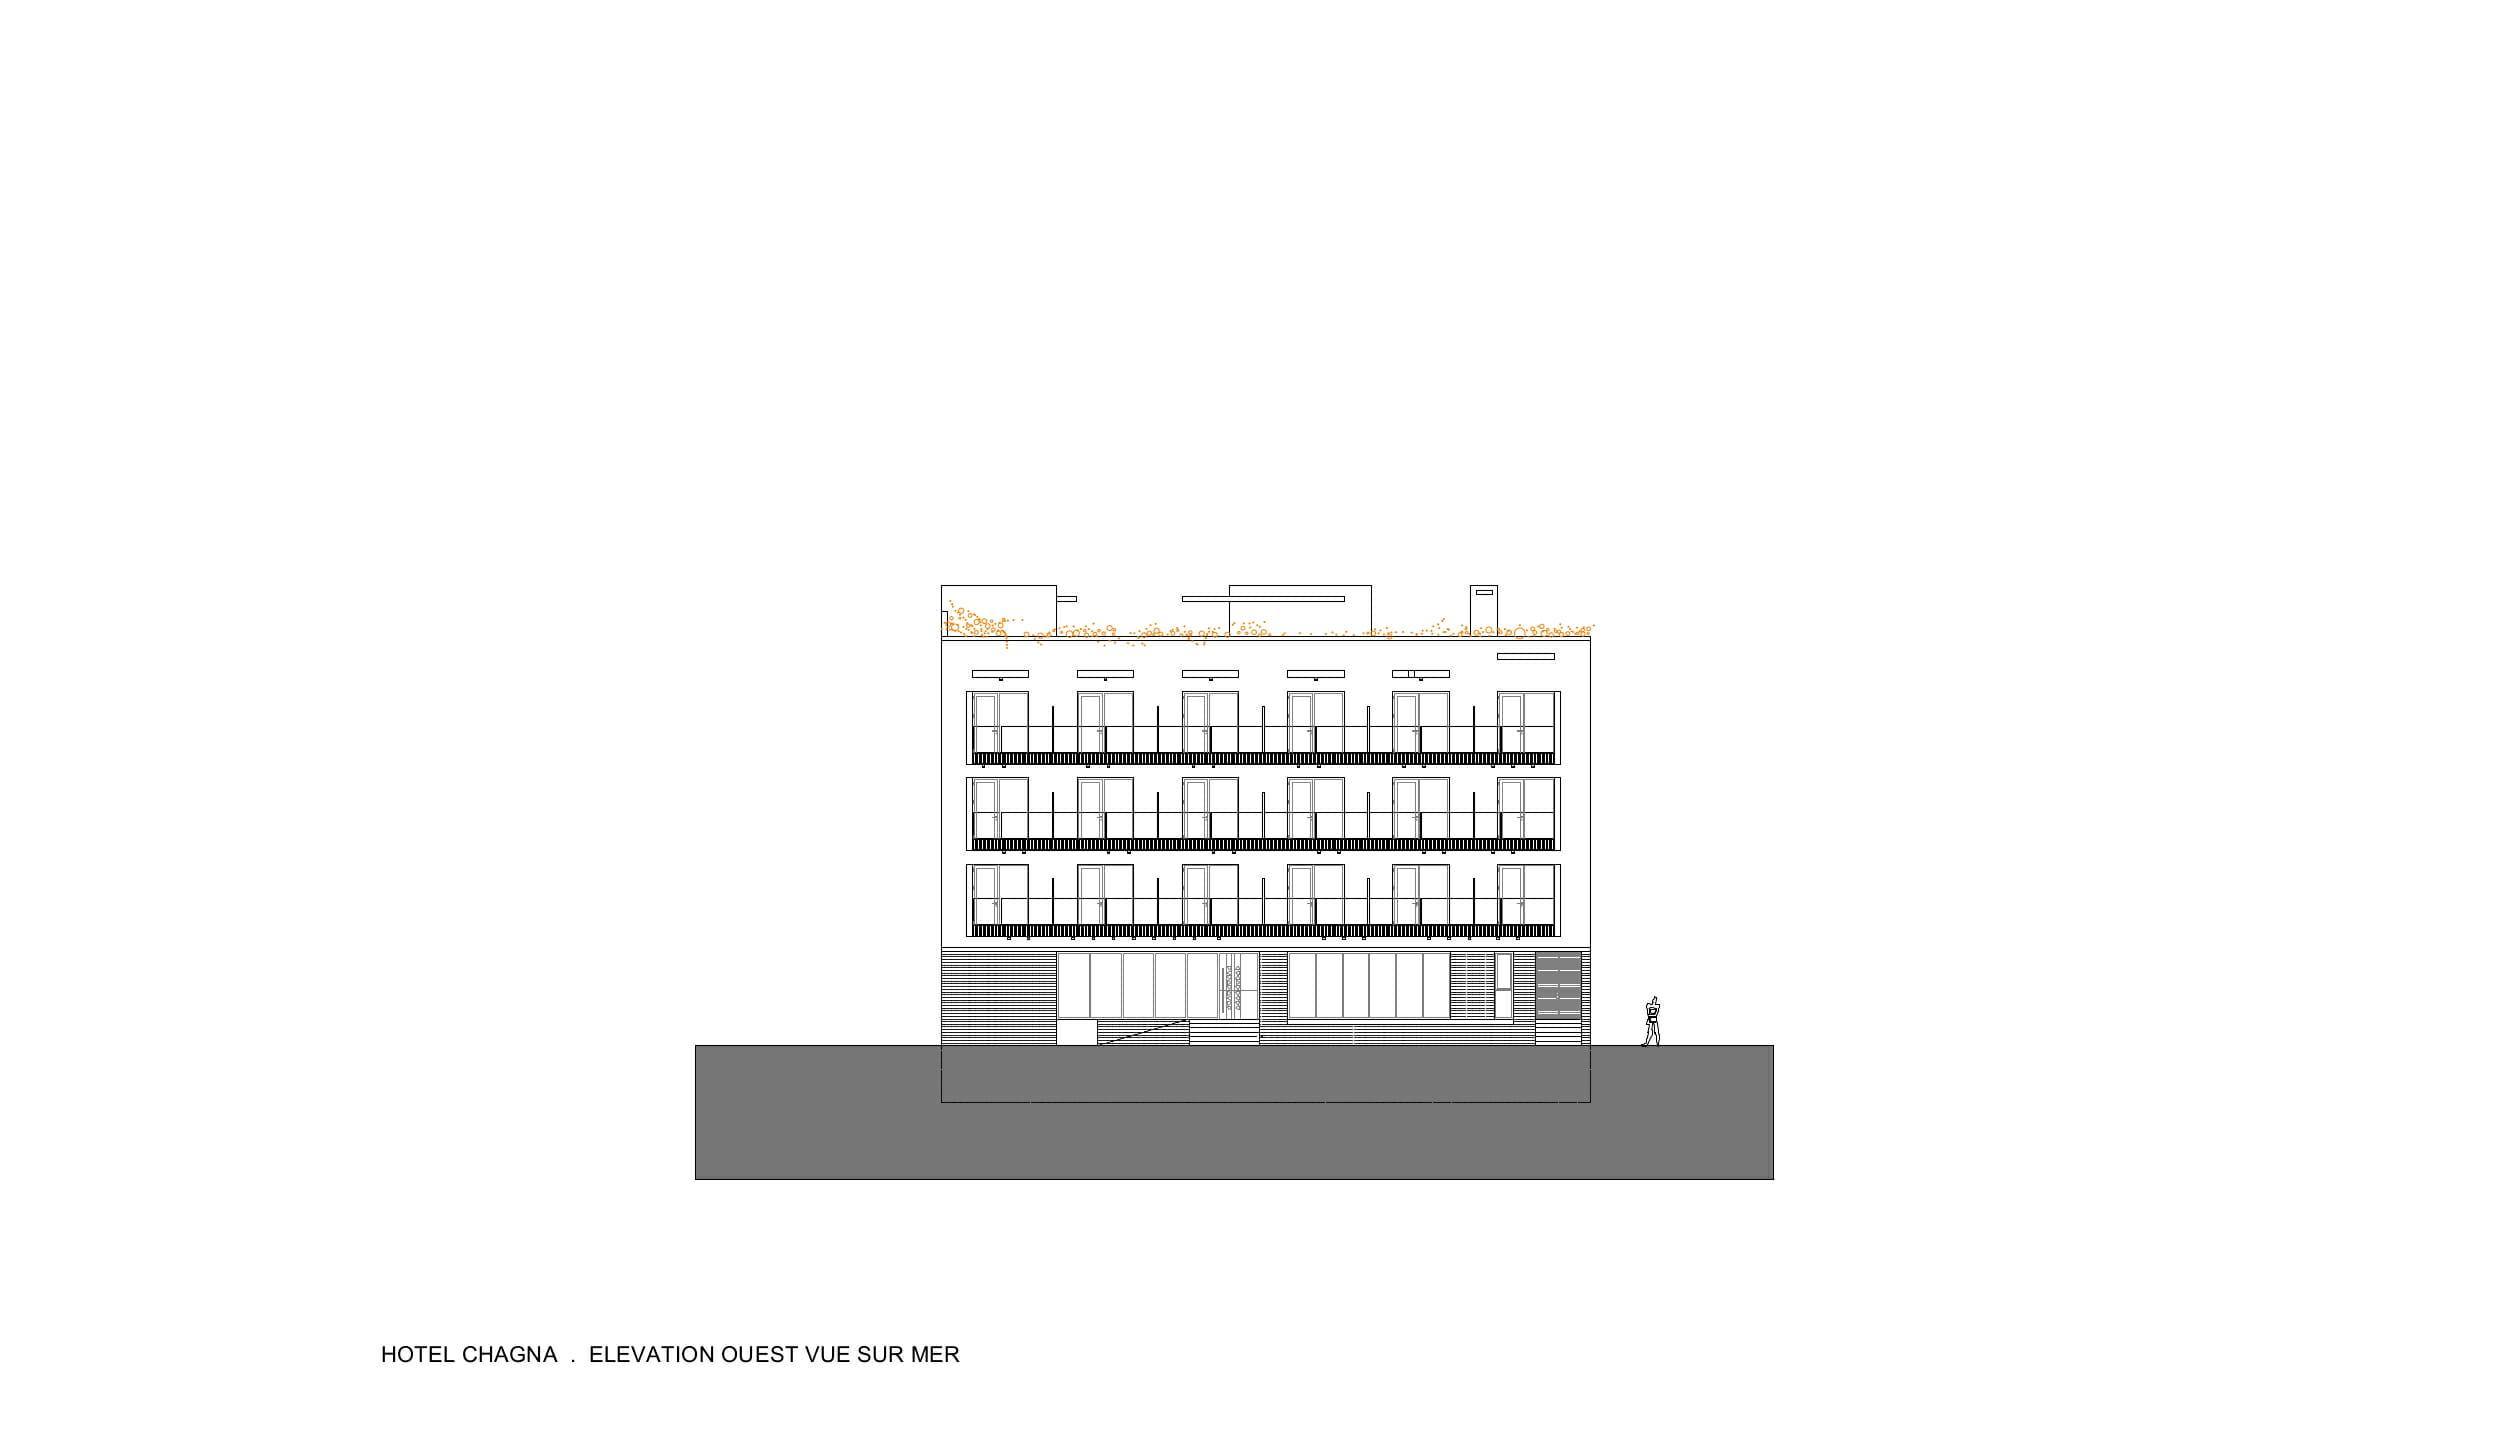 CHAGNA.plan-04-cp-el-4